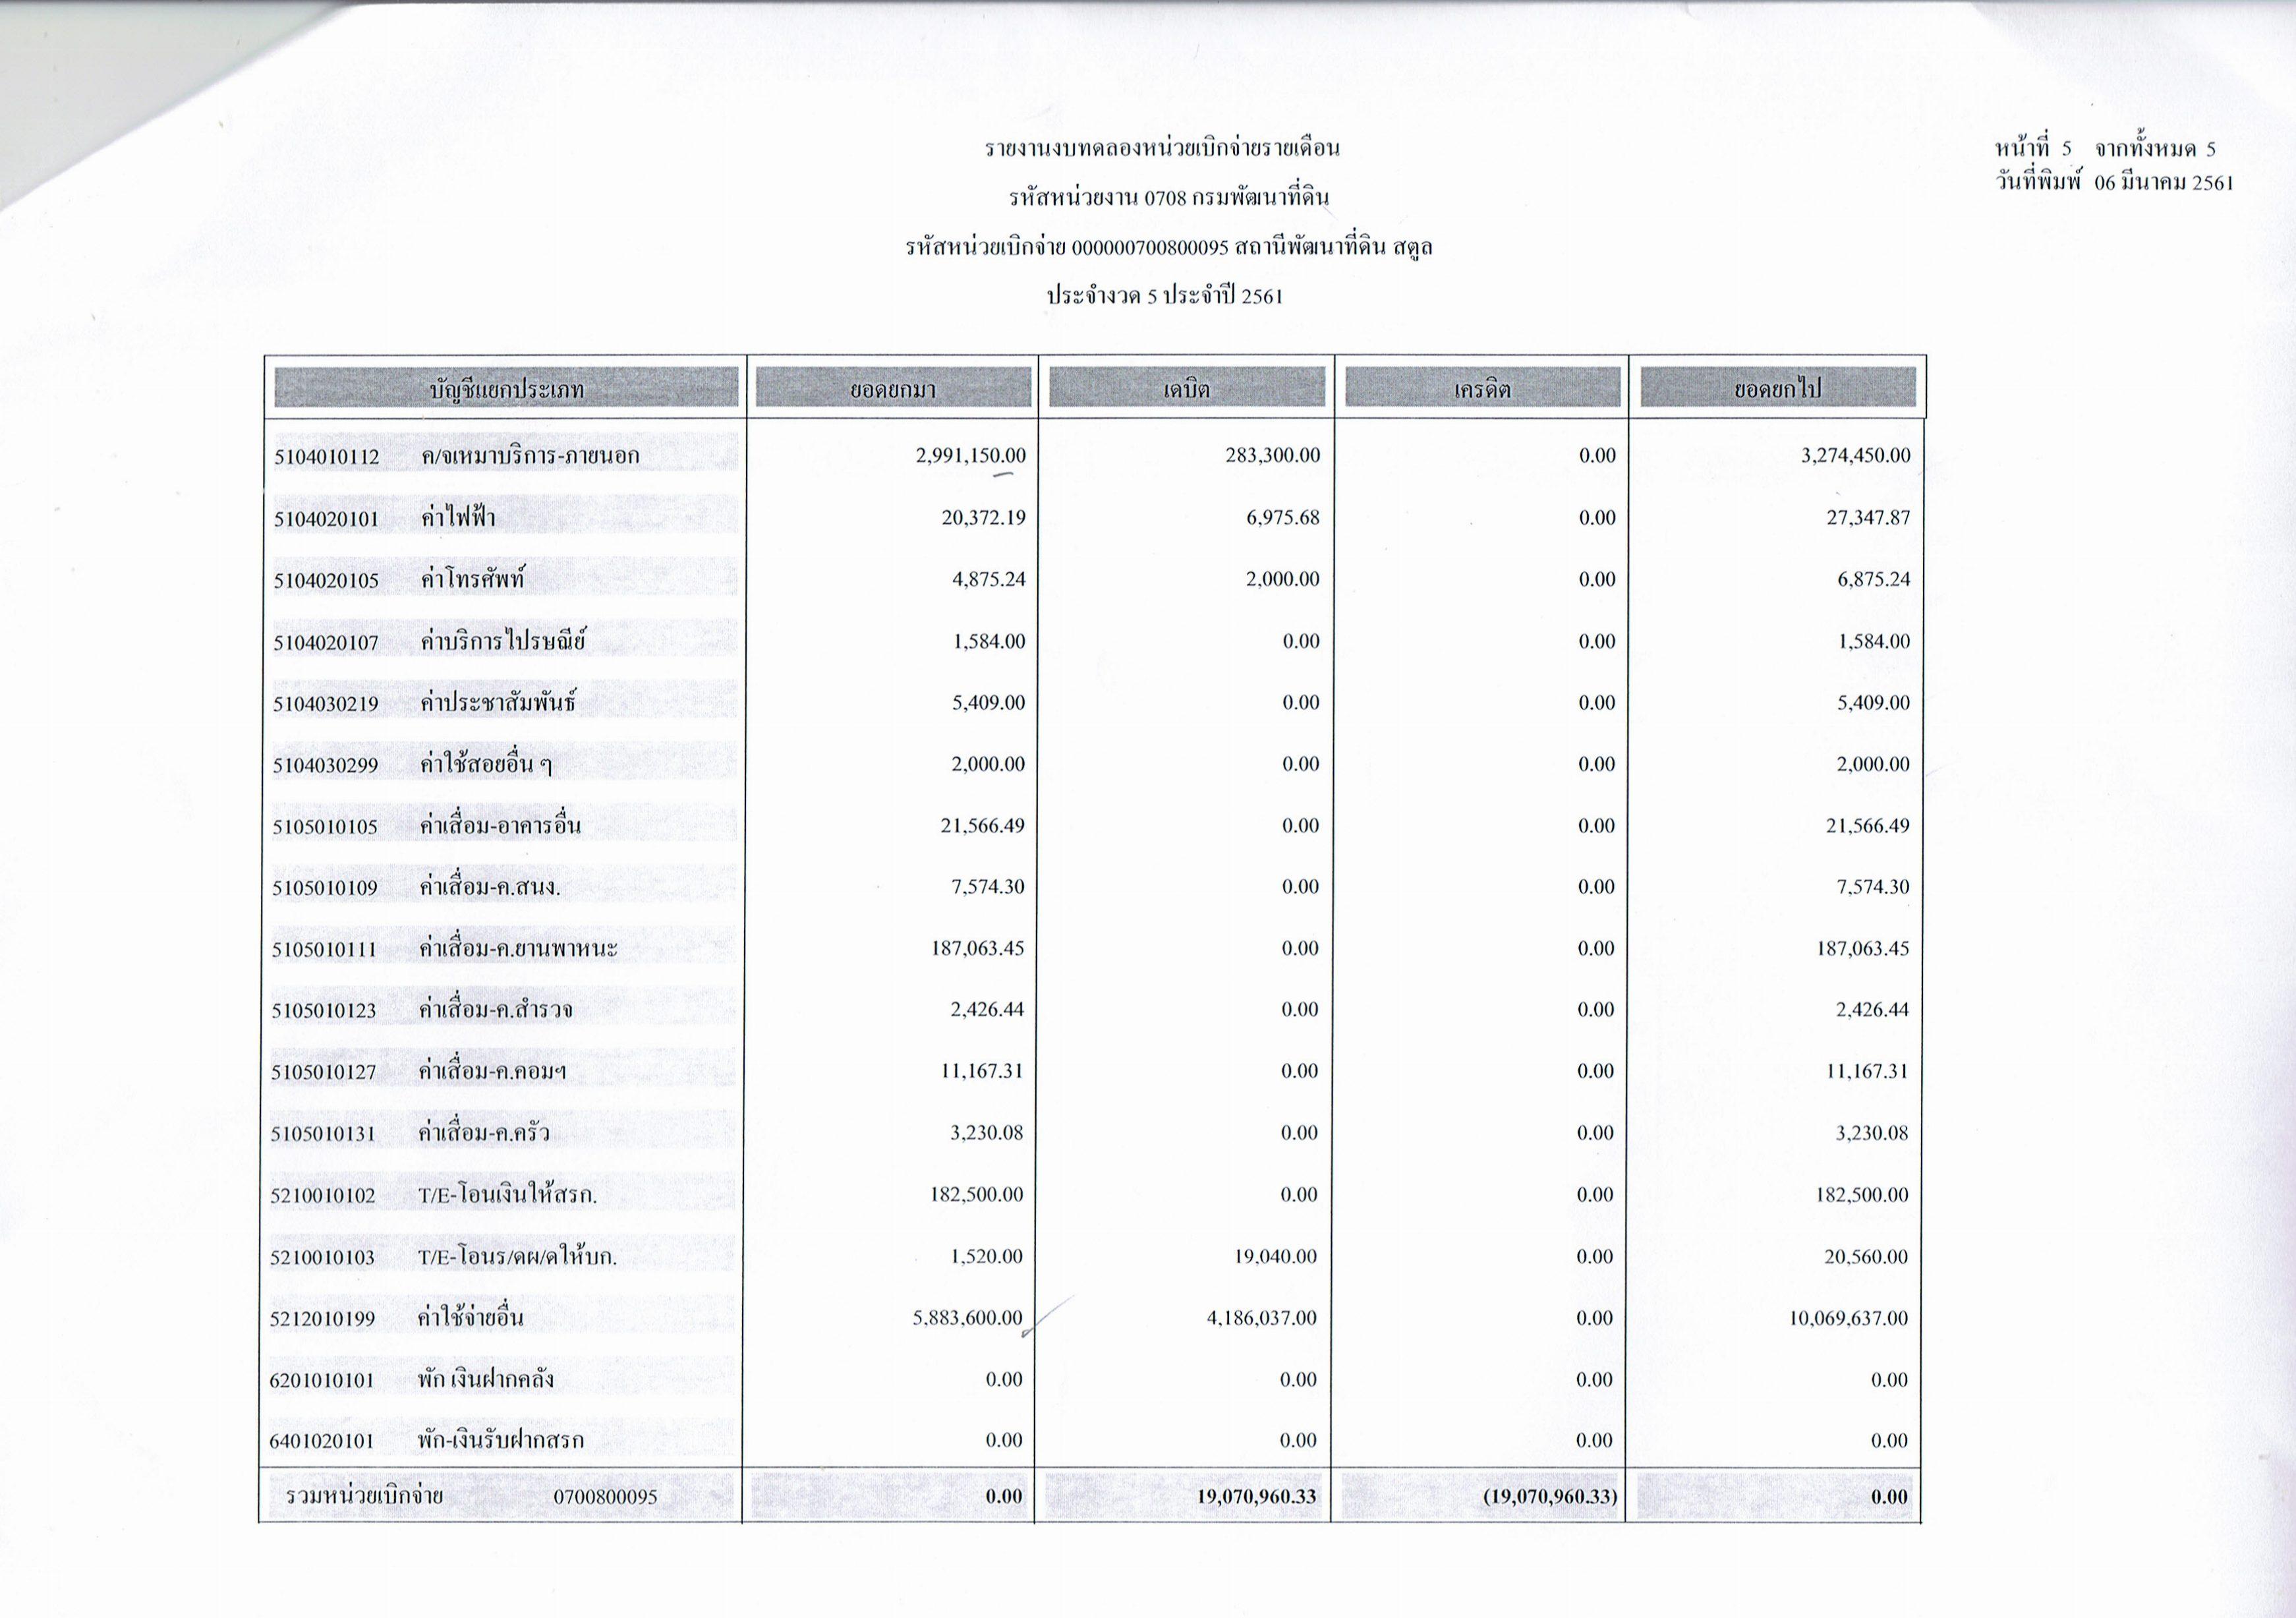 รายงานงบทดลองหน่วยเบิกจ่ายรายเดือนกุมภาพันธ์ ประจำงวด 5 ประจำปี 2561 5/5